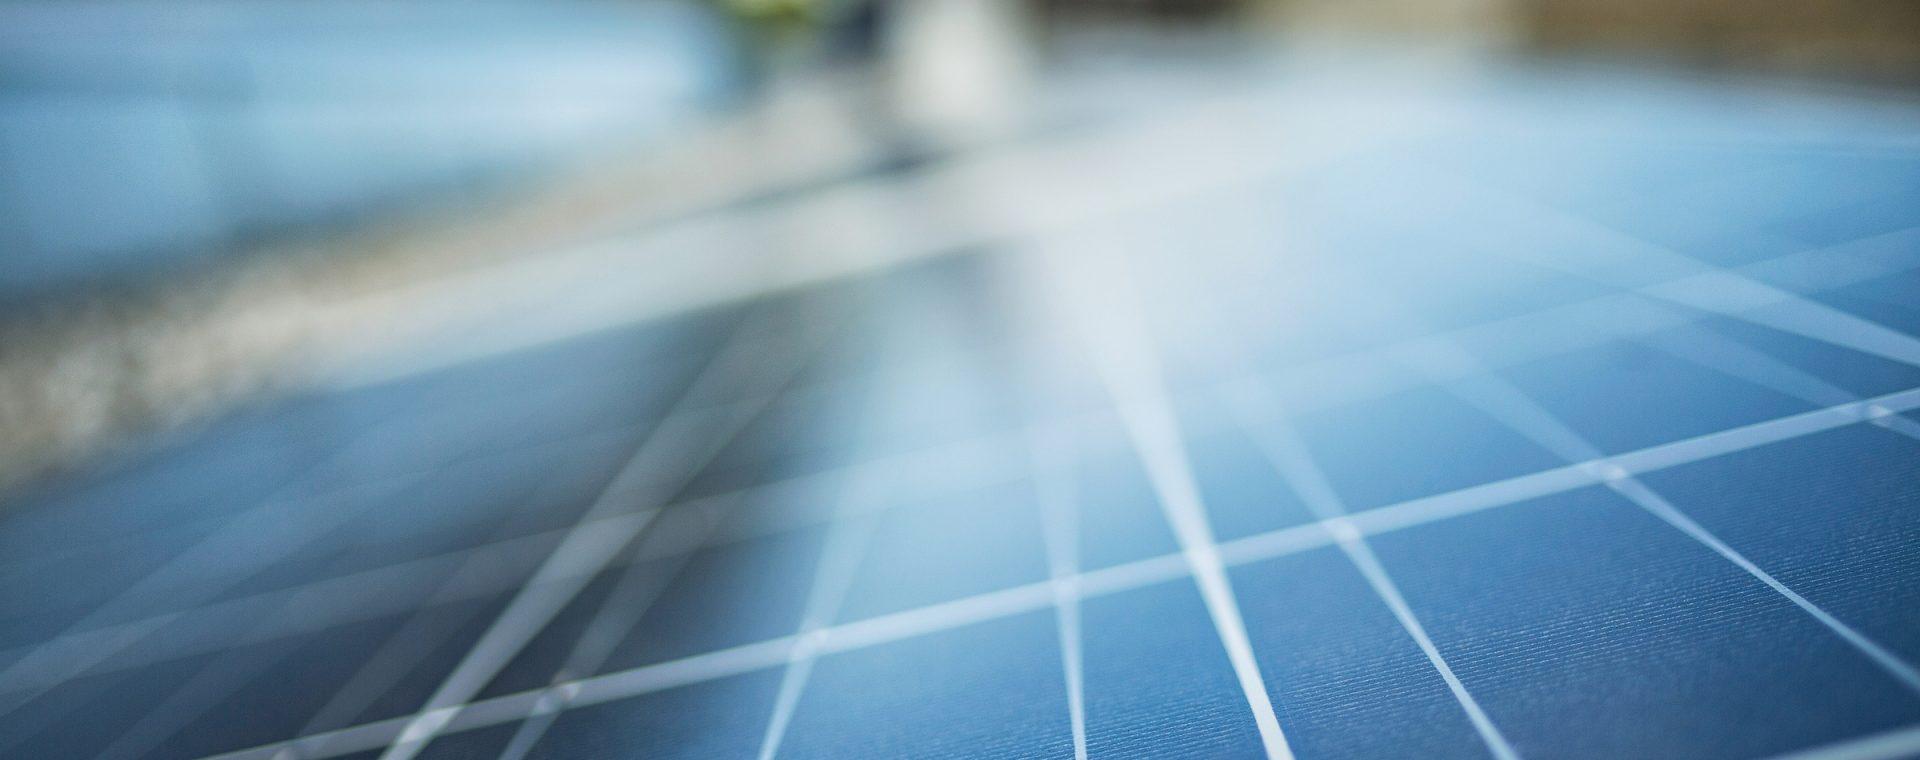 Photovoltaik-Anlage. Energieinstitut Vorarlberg. Bildnachweis: Markus Gmeiner